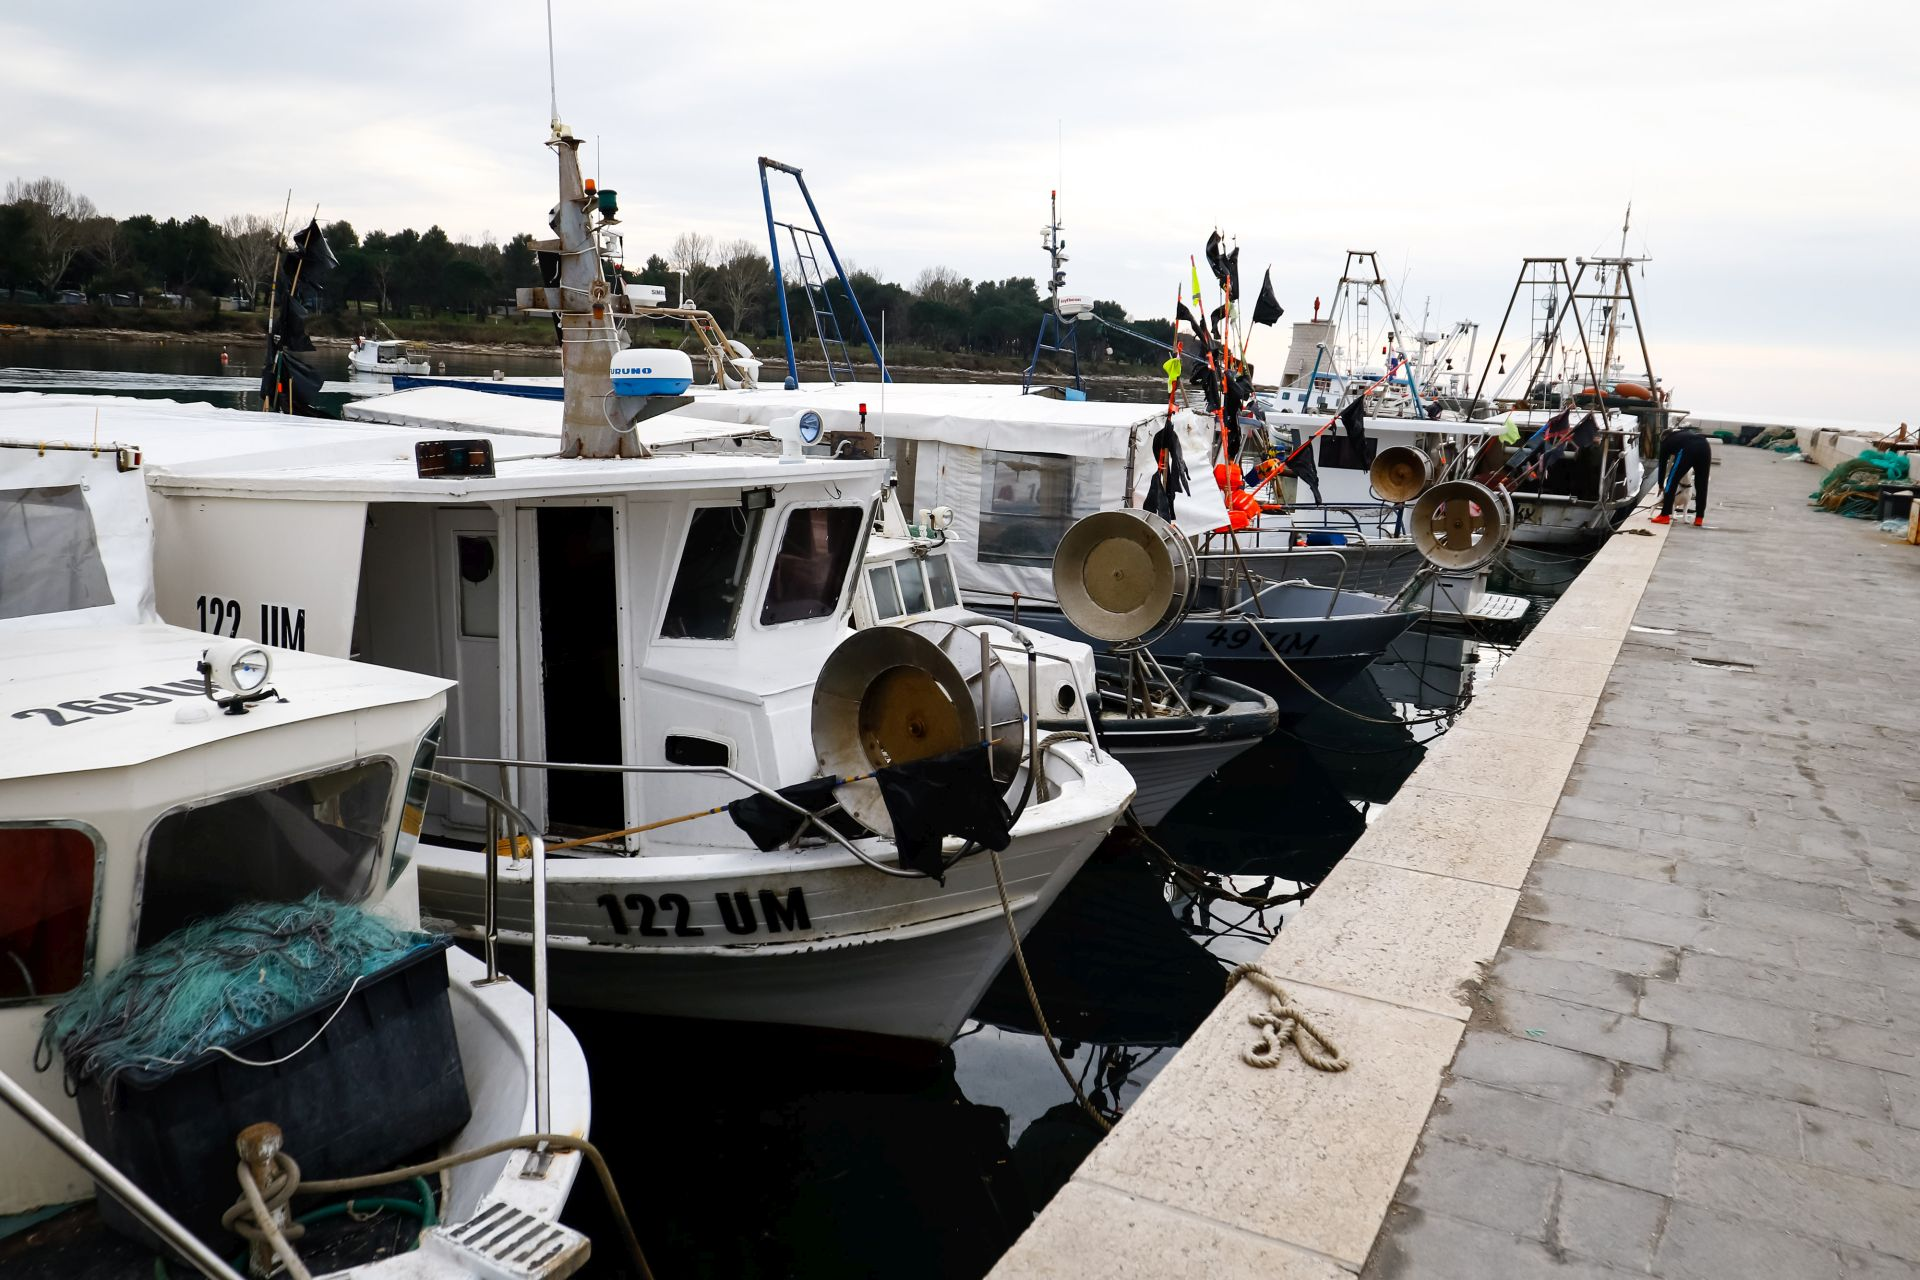 Hrvatska će na slovenske kazne ribarima odgovoriti istom mjerom